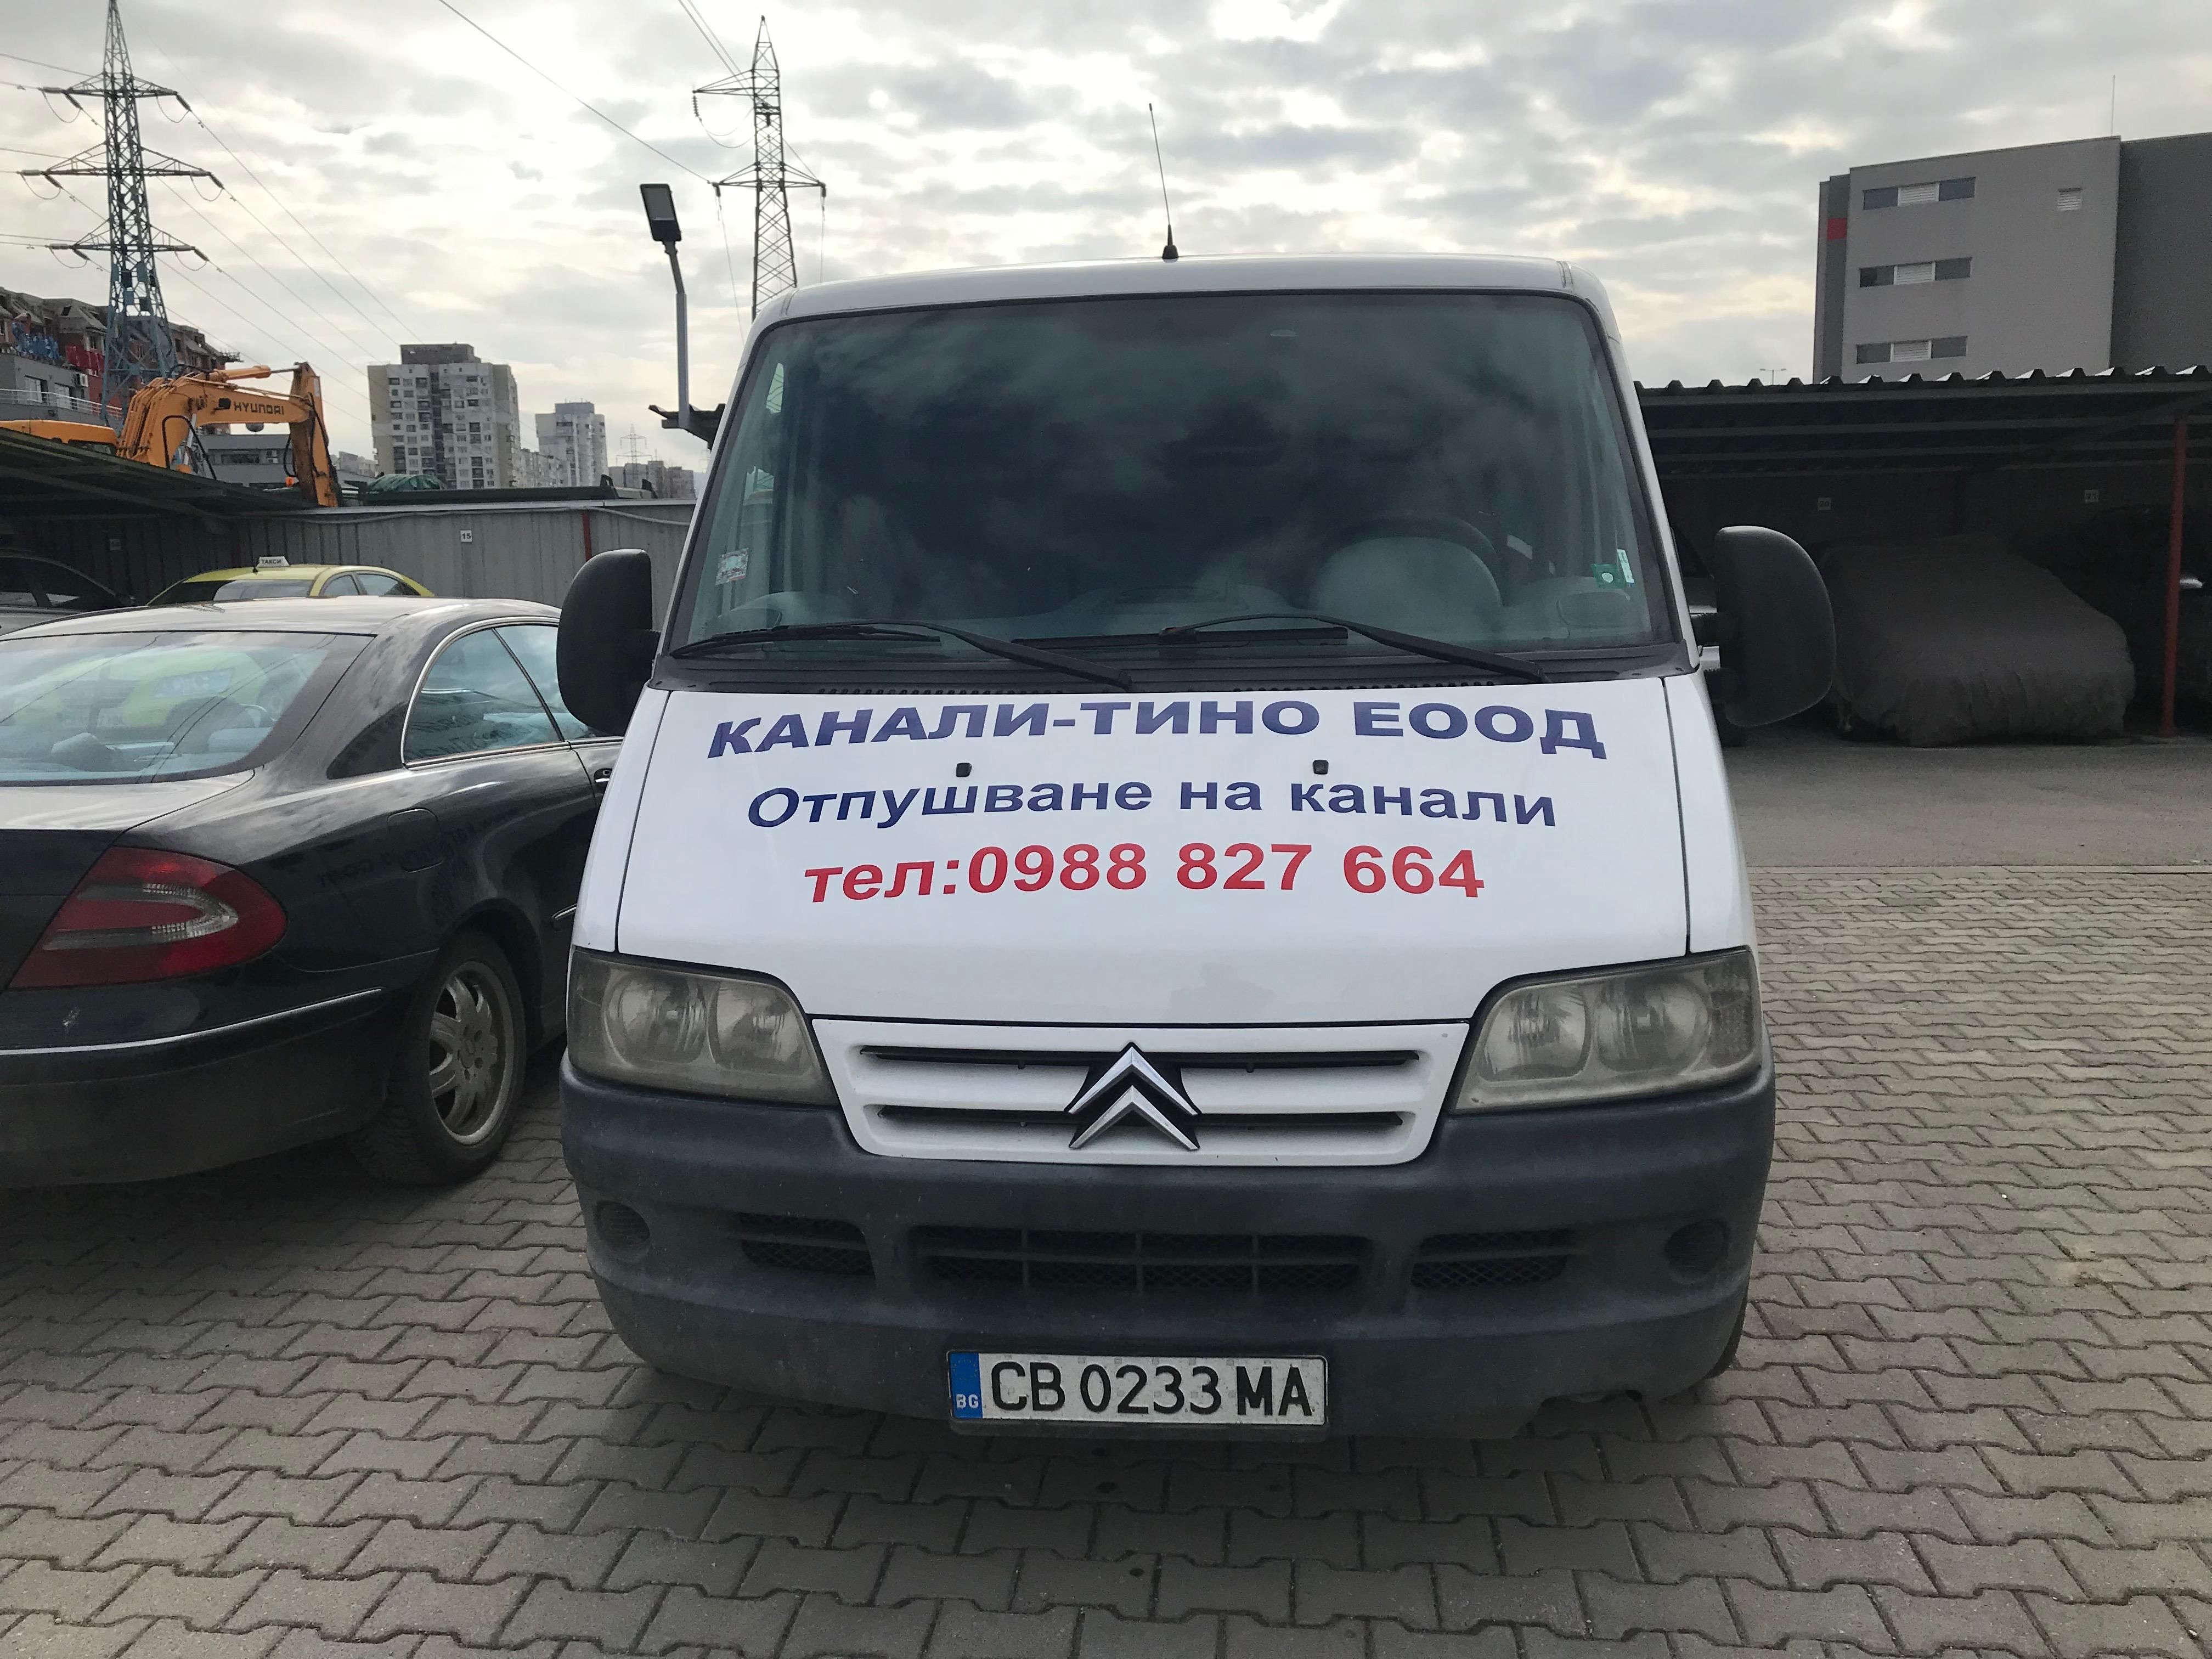 Отпушване на канали от фирма в София